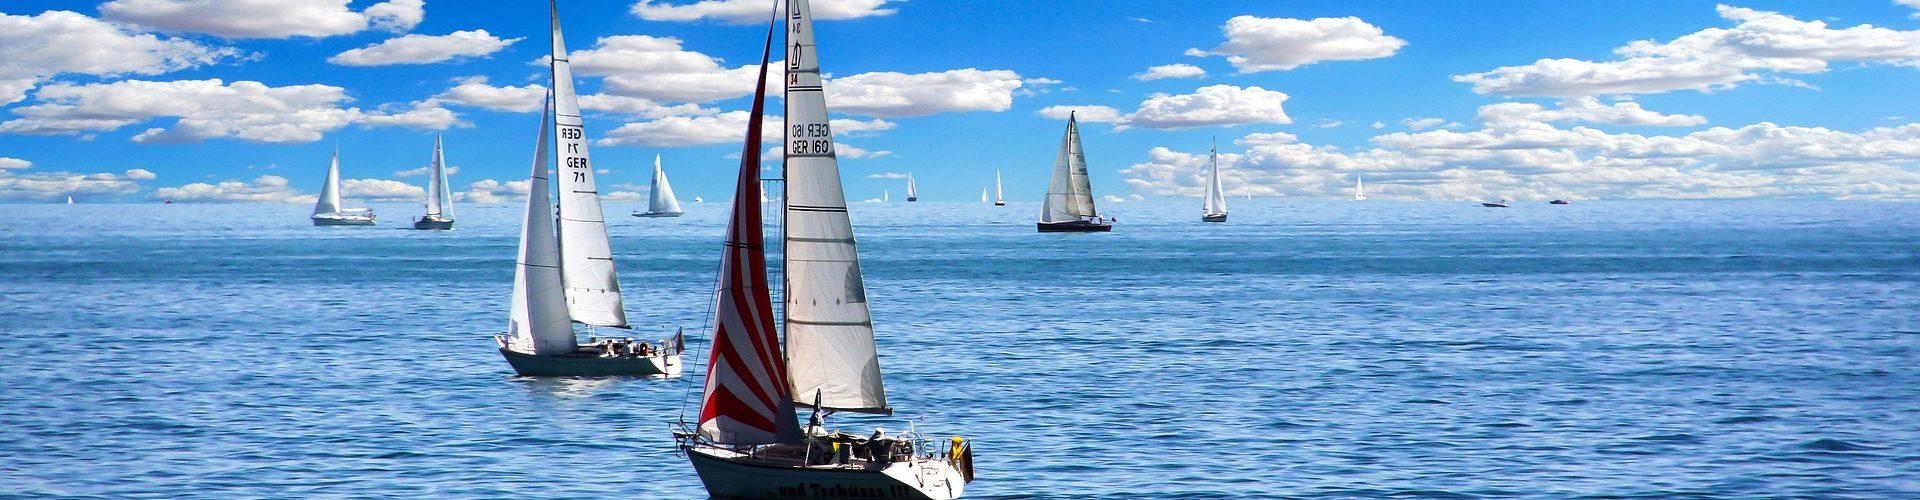 segeln lernen in Rheine segelschein machen in Rheine 1920x500 - Segeln lernen in Rheine